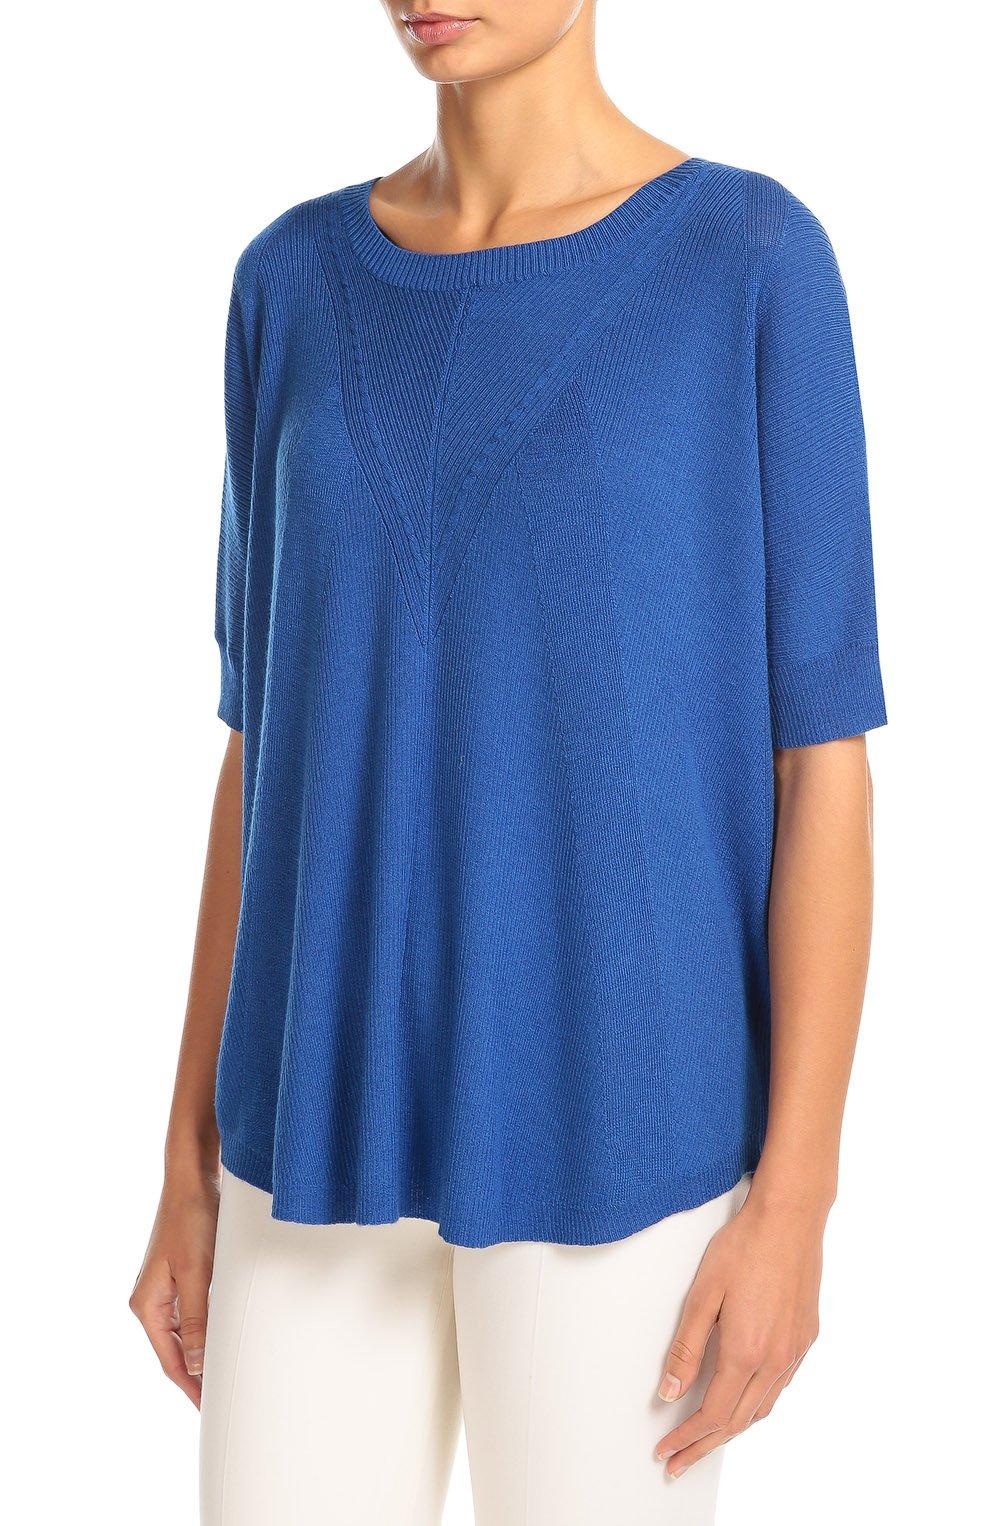 Синий пуловер с коротким рукавом доставка